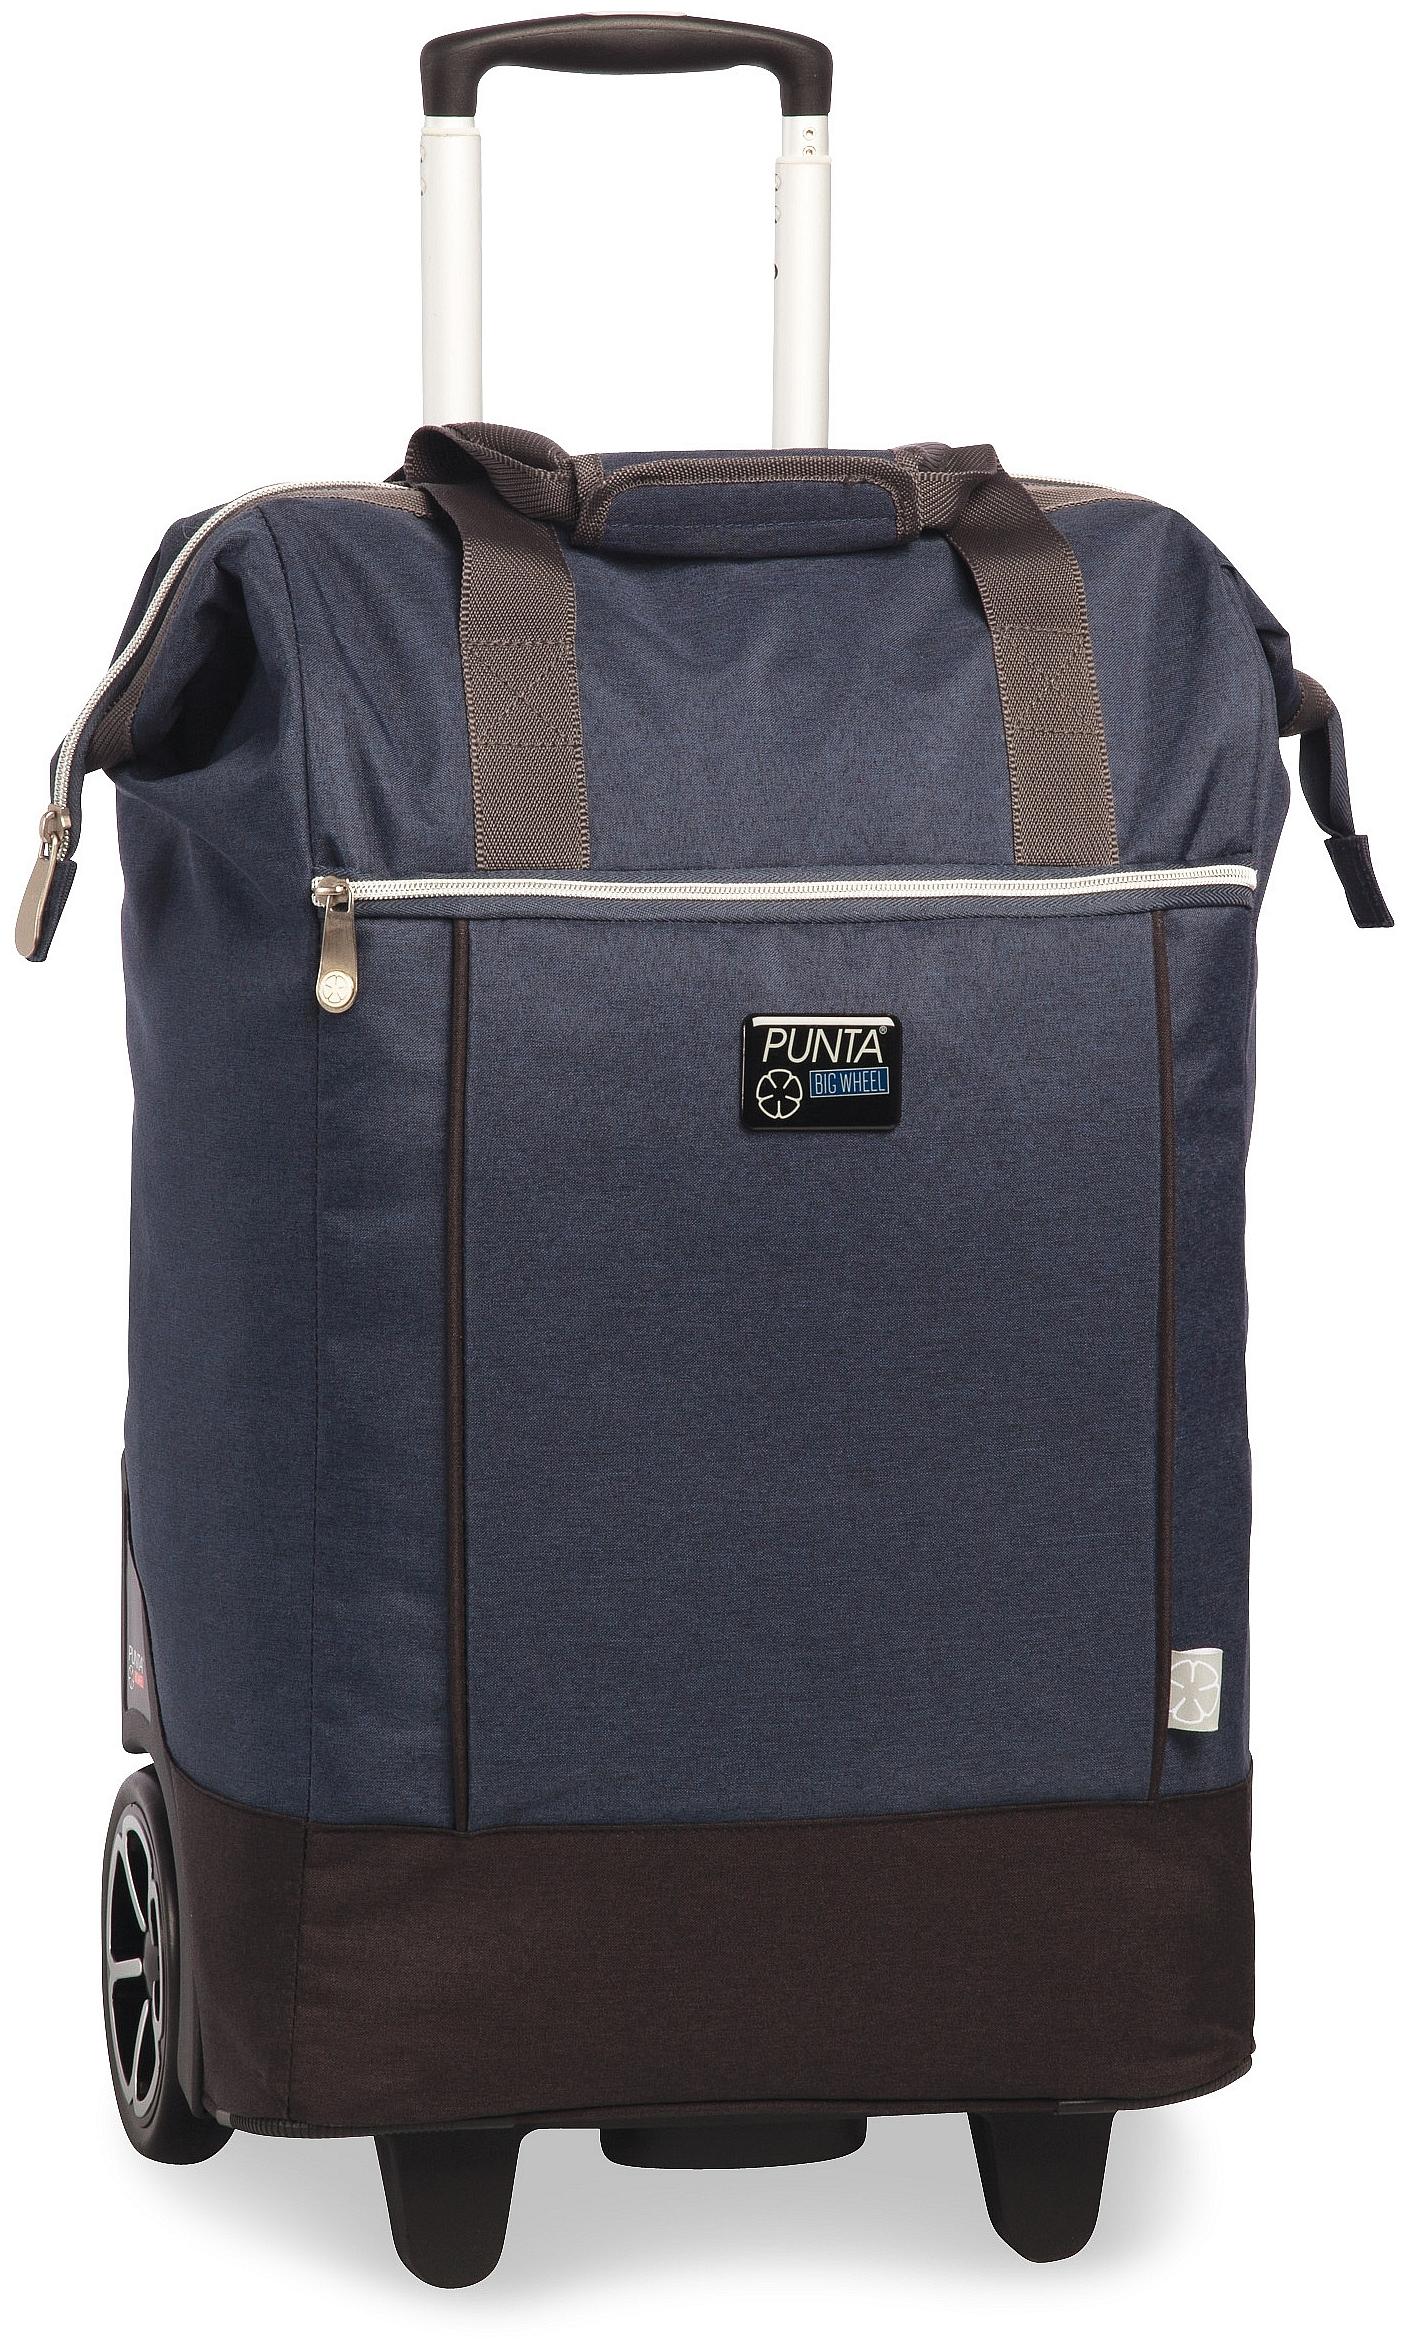 PUNTA wheel Velká nákupní taška na kolečkách 10303-0600 tmavě modrá